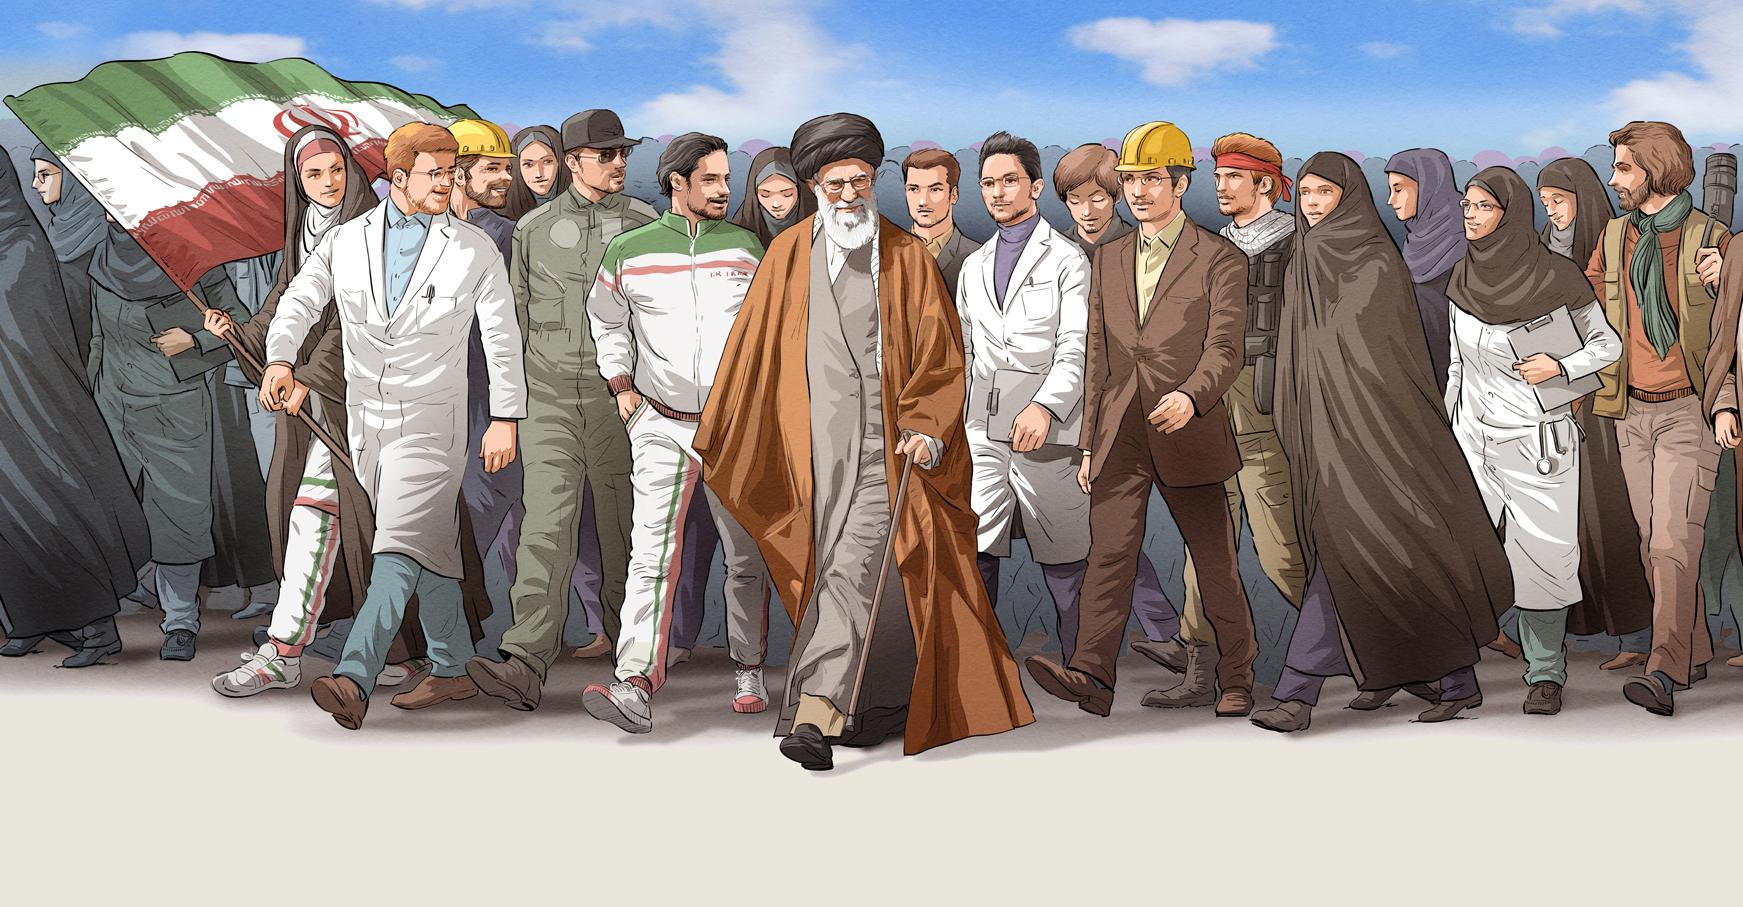 گام اولِ گام دوم انقلاب